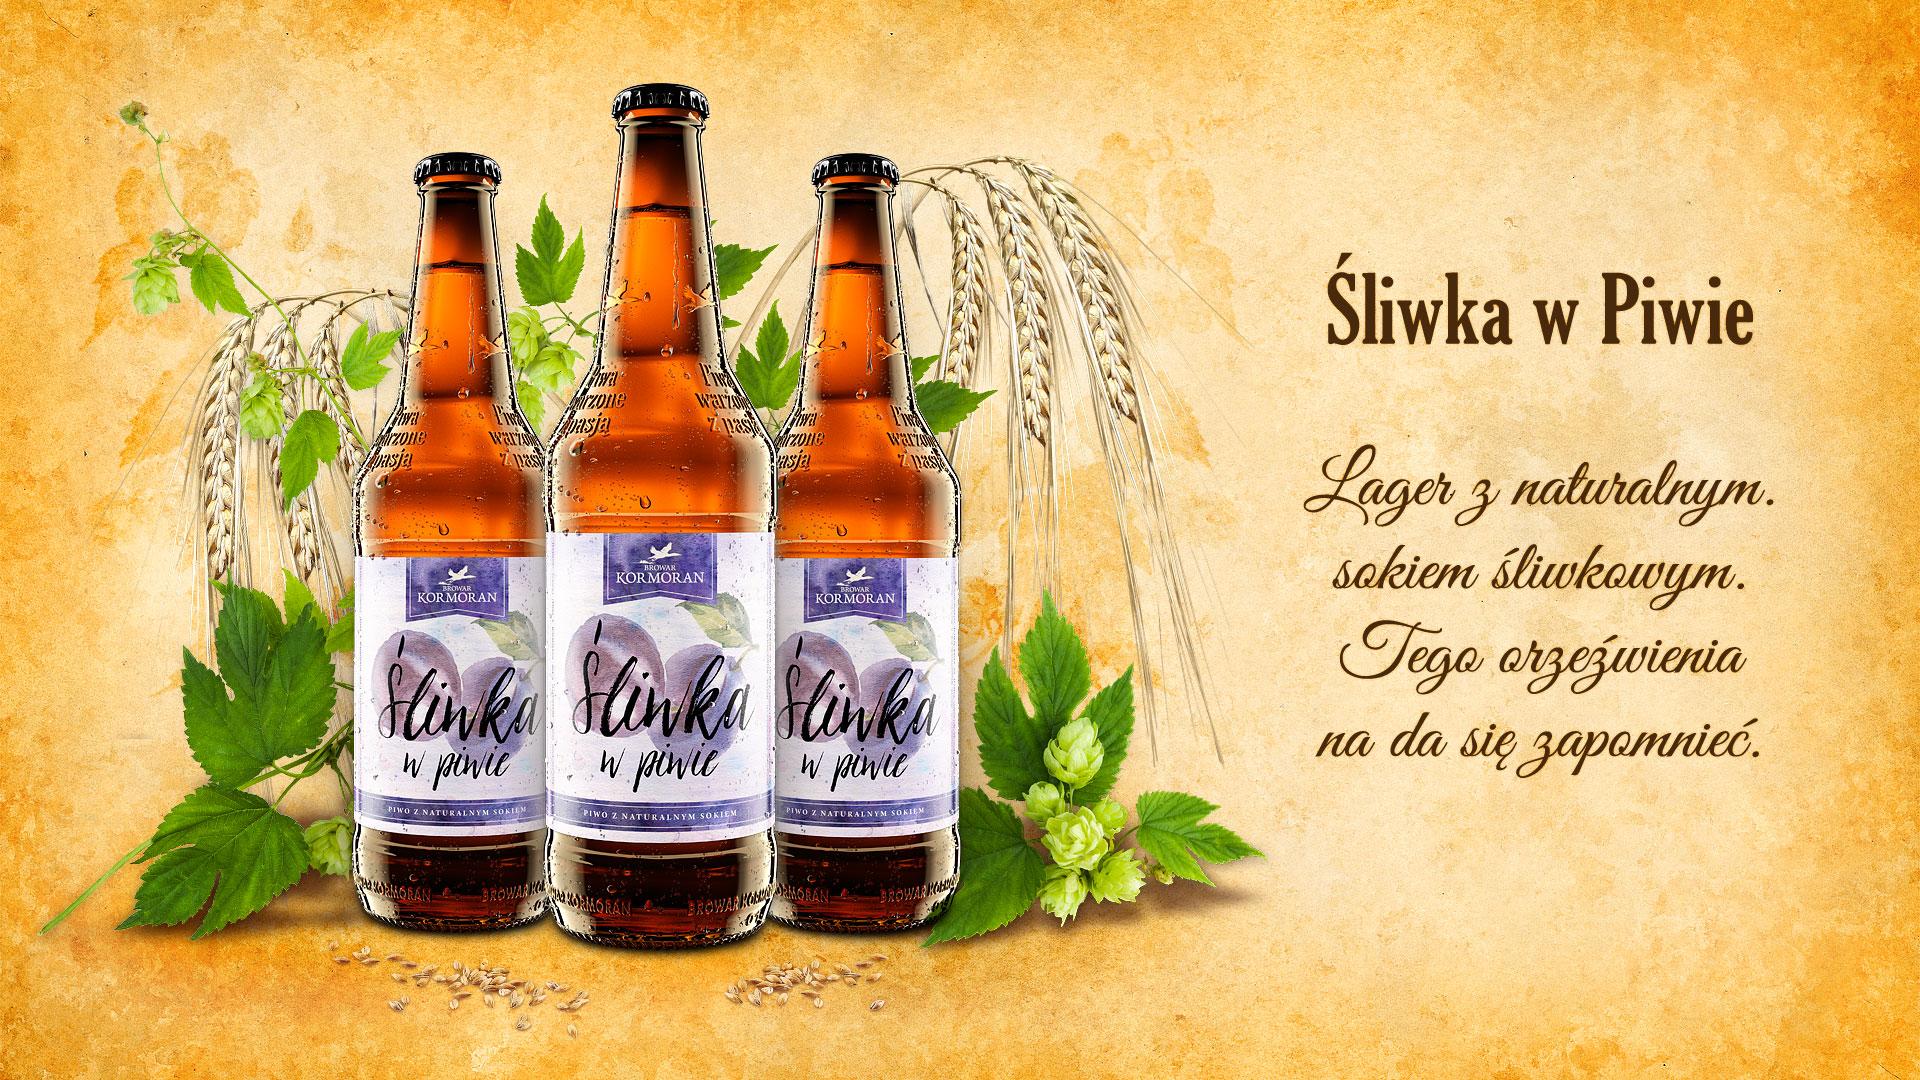 Piwo Śliwka w Piwie - Browar Kormoran